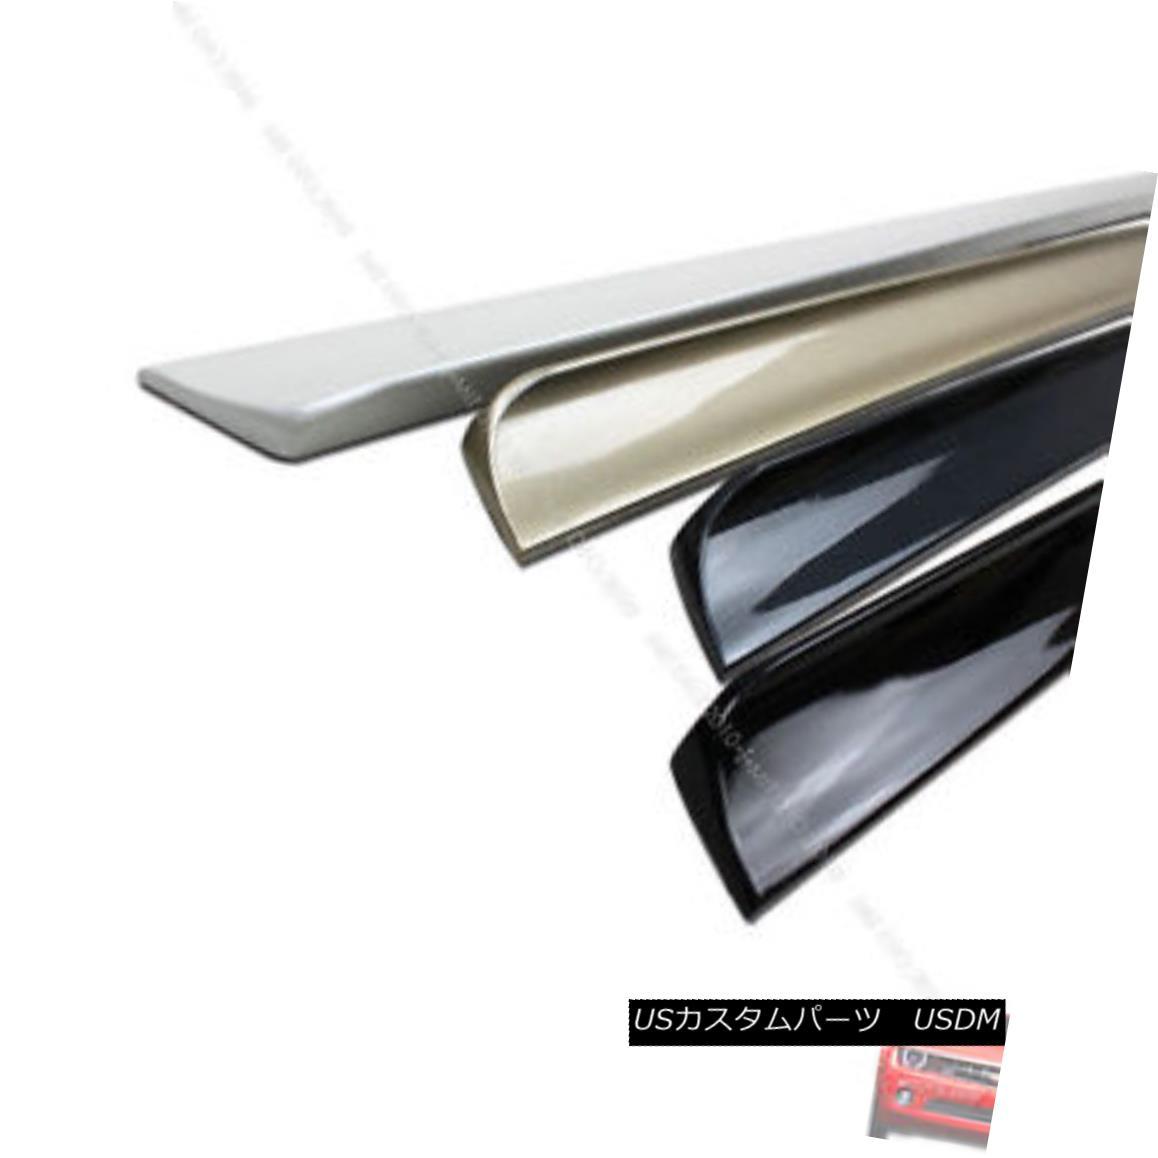 エアロパーツ For Acura 2004-2008 TL Rear Trunk Lip Spoiler Painted Code #NH700M アキュラ2004-2008 TLリアトランクリップスポイラー塗装コード#NH700M